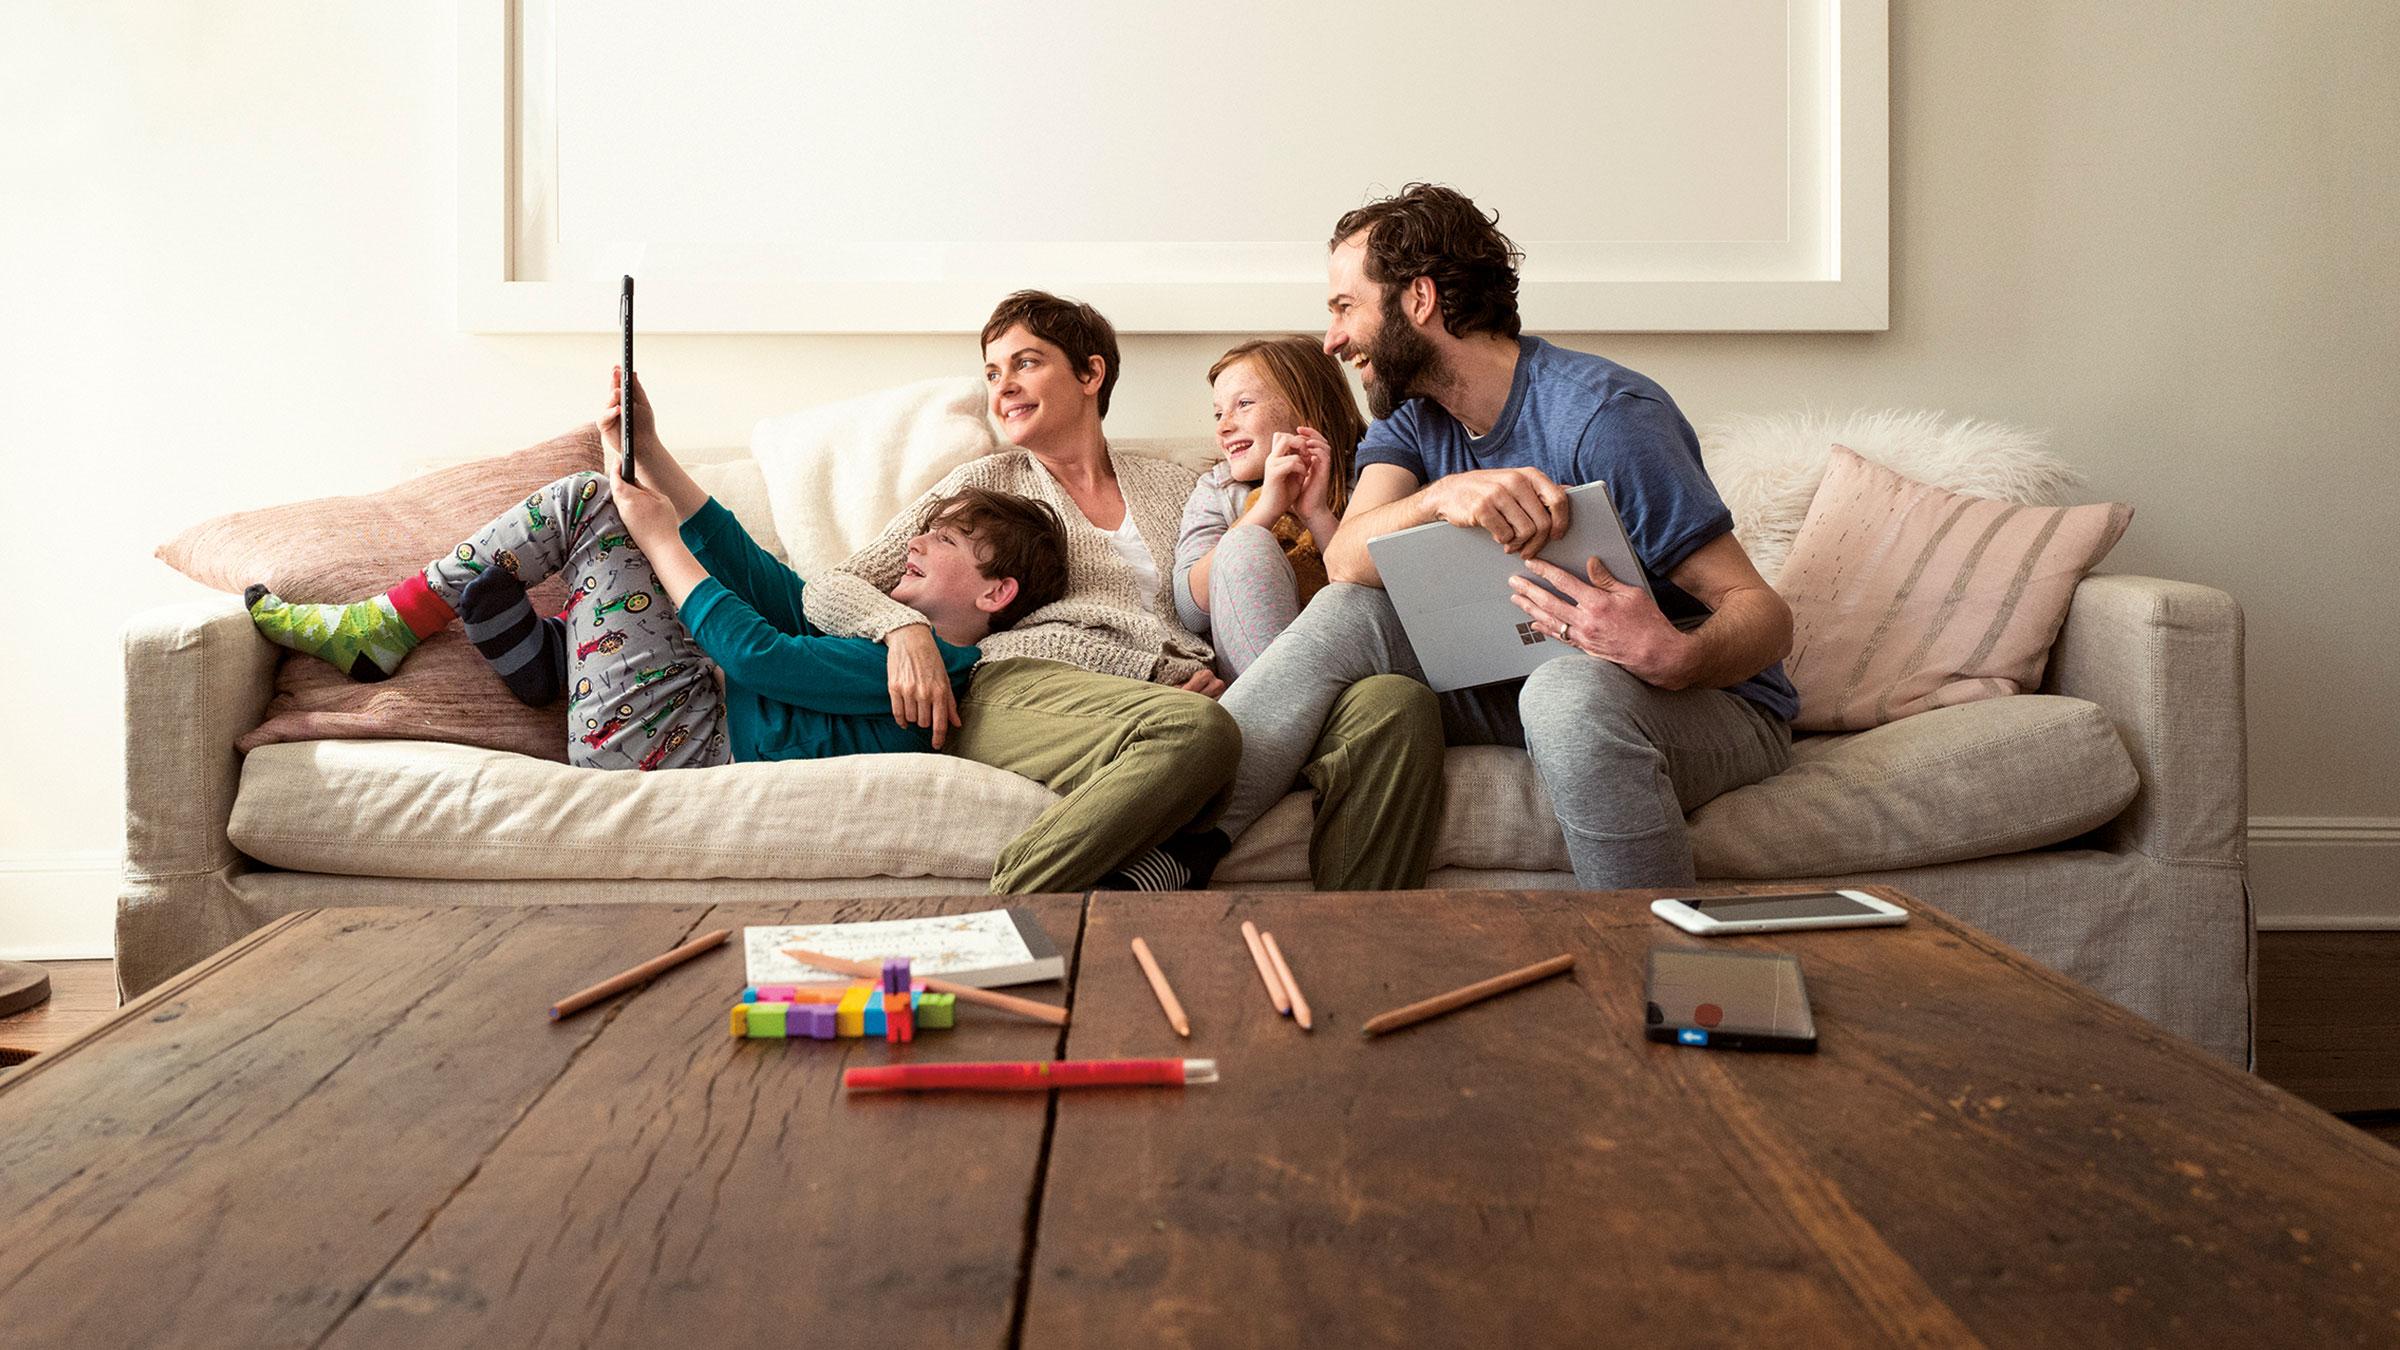 Perhe sohvalla katselemassa Microsoft Surface Pro -laitetta